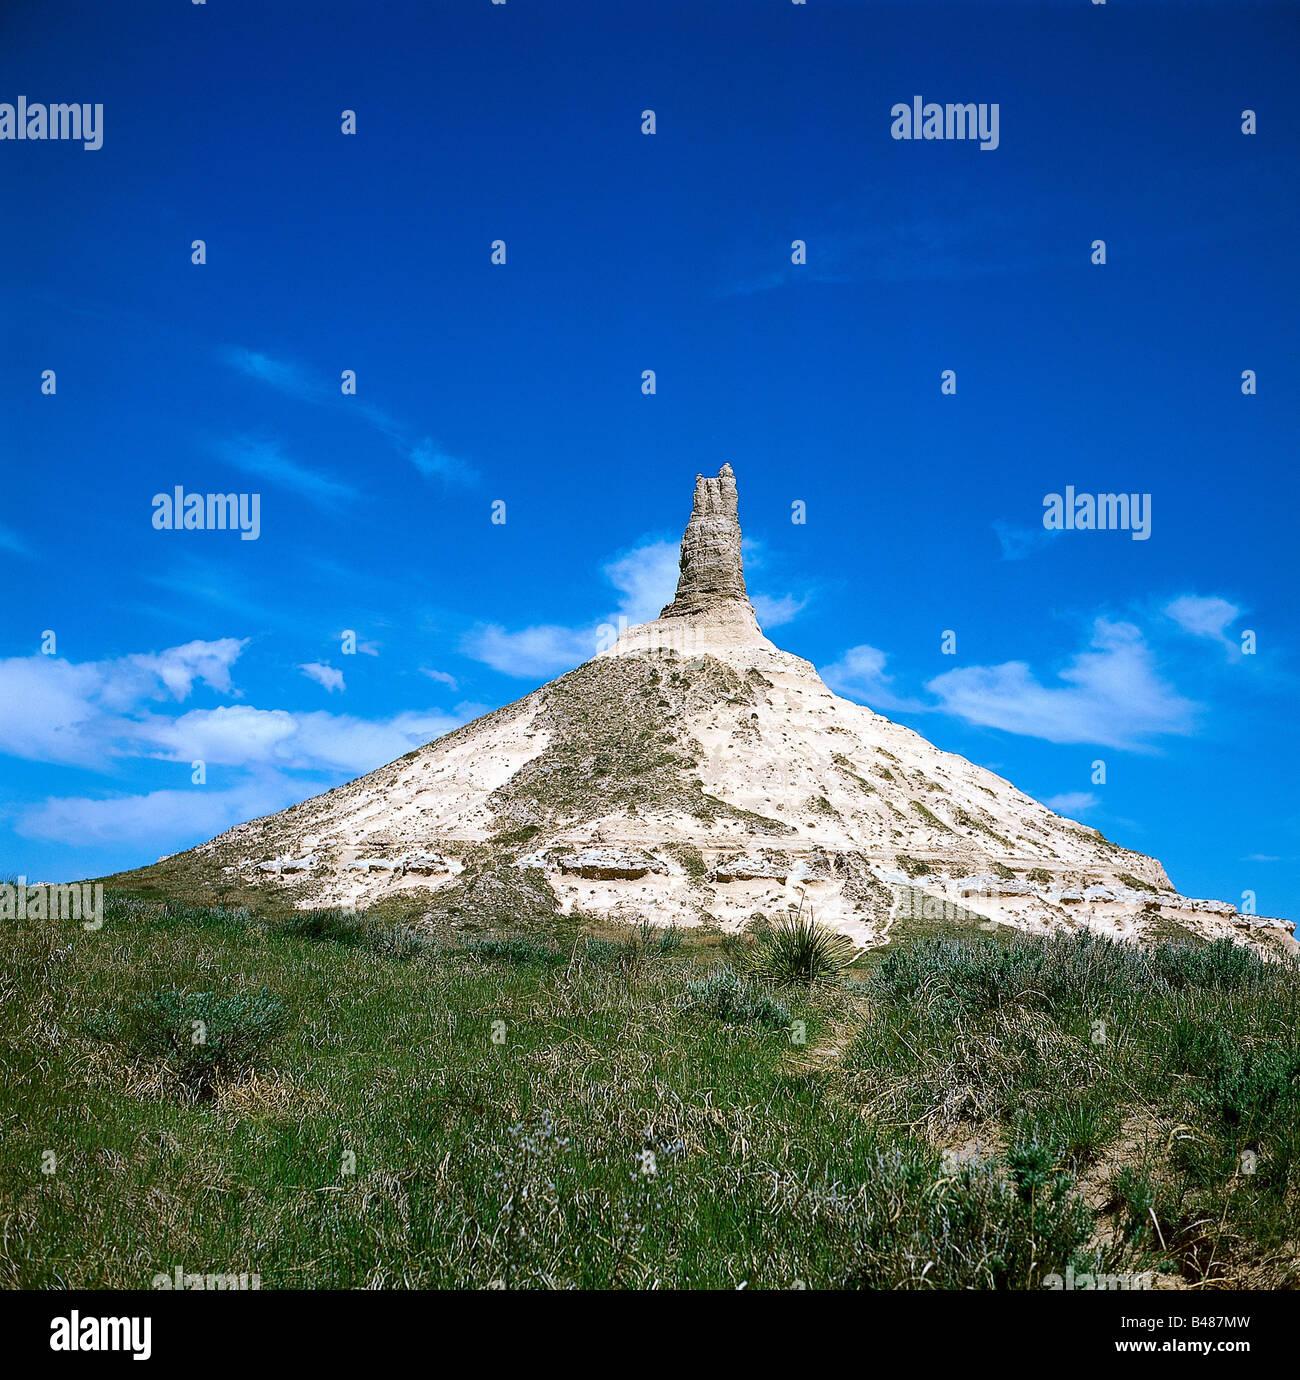 Travel Geography: Chimney Rock Nebraska Stock Photos & Chimney Rock Nebraska